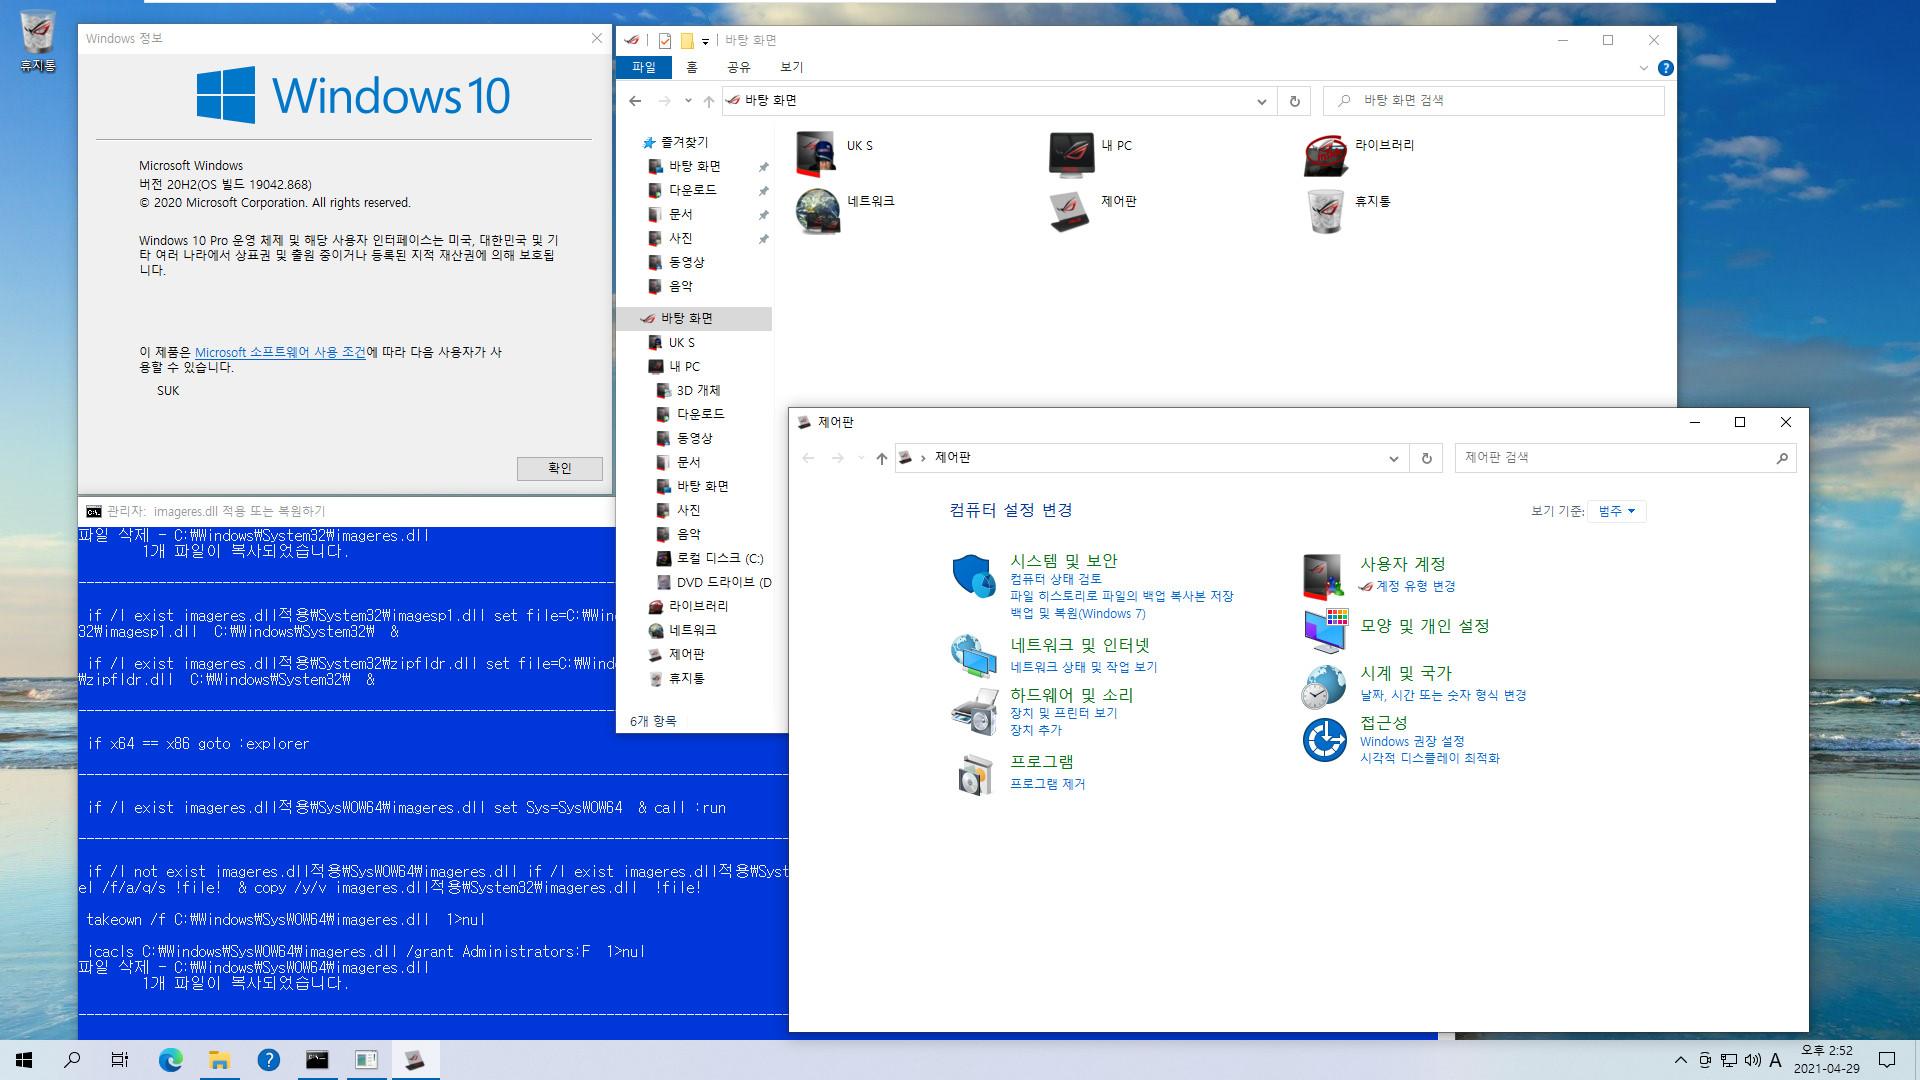 imageres.dll적용 테스트 - Windows 10 ROG EDITION 2020 v7 - 버전 20H2만 적용되네요 2021-04-29_145231.jpg